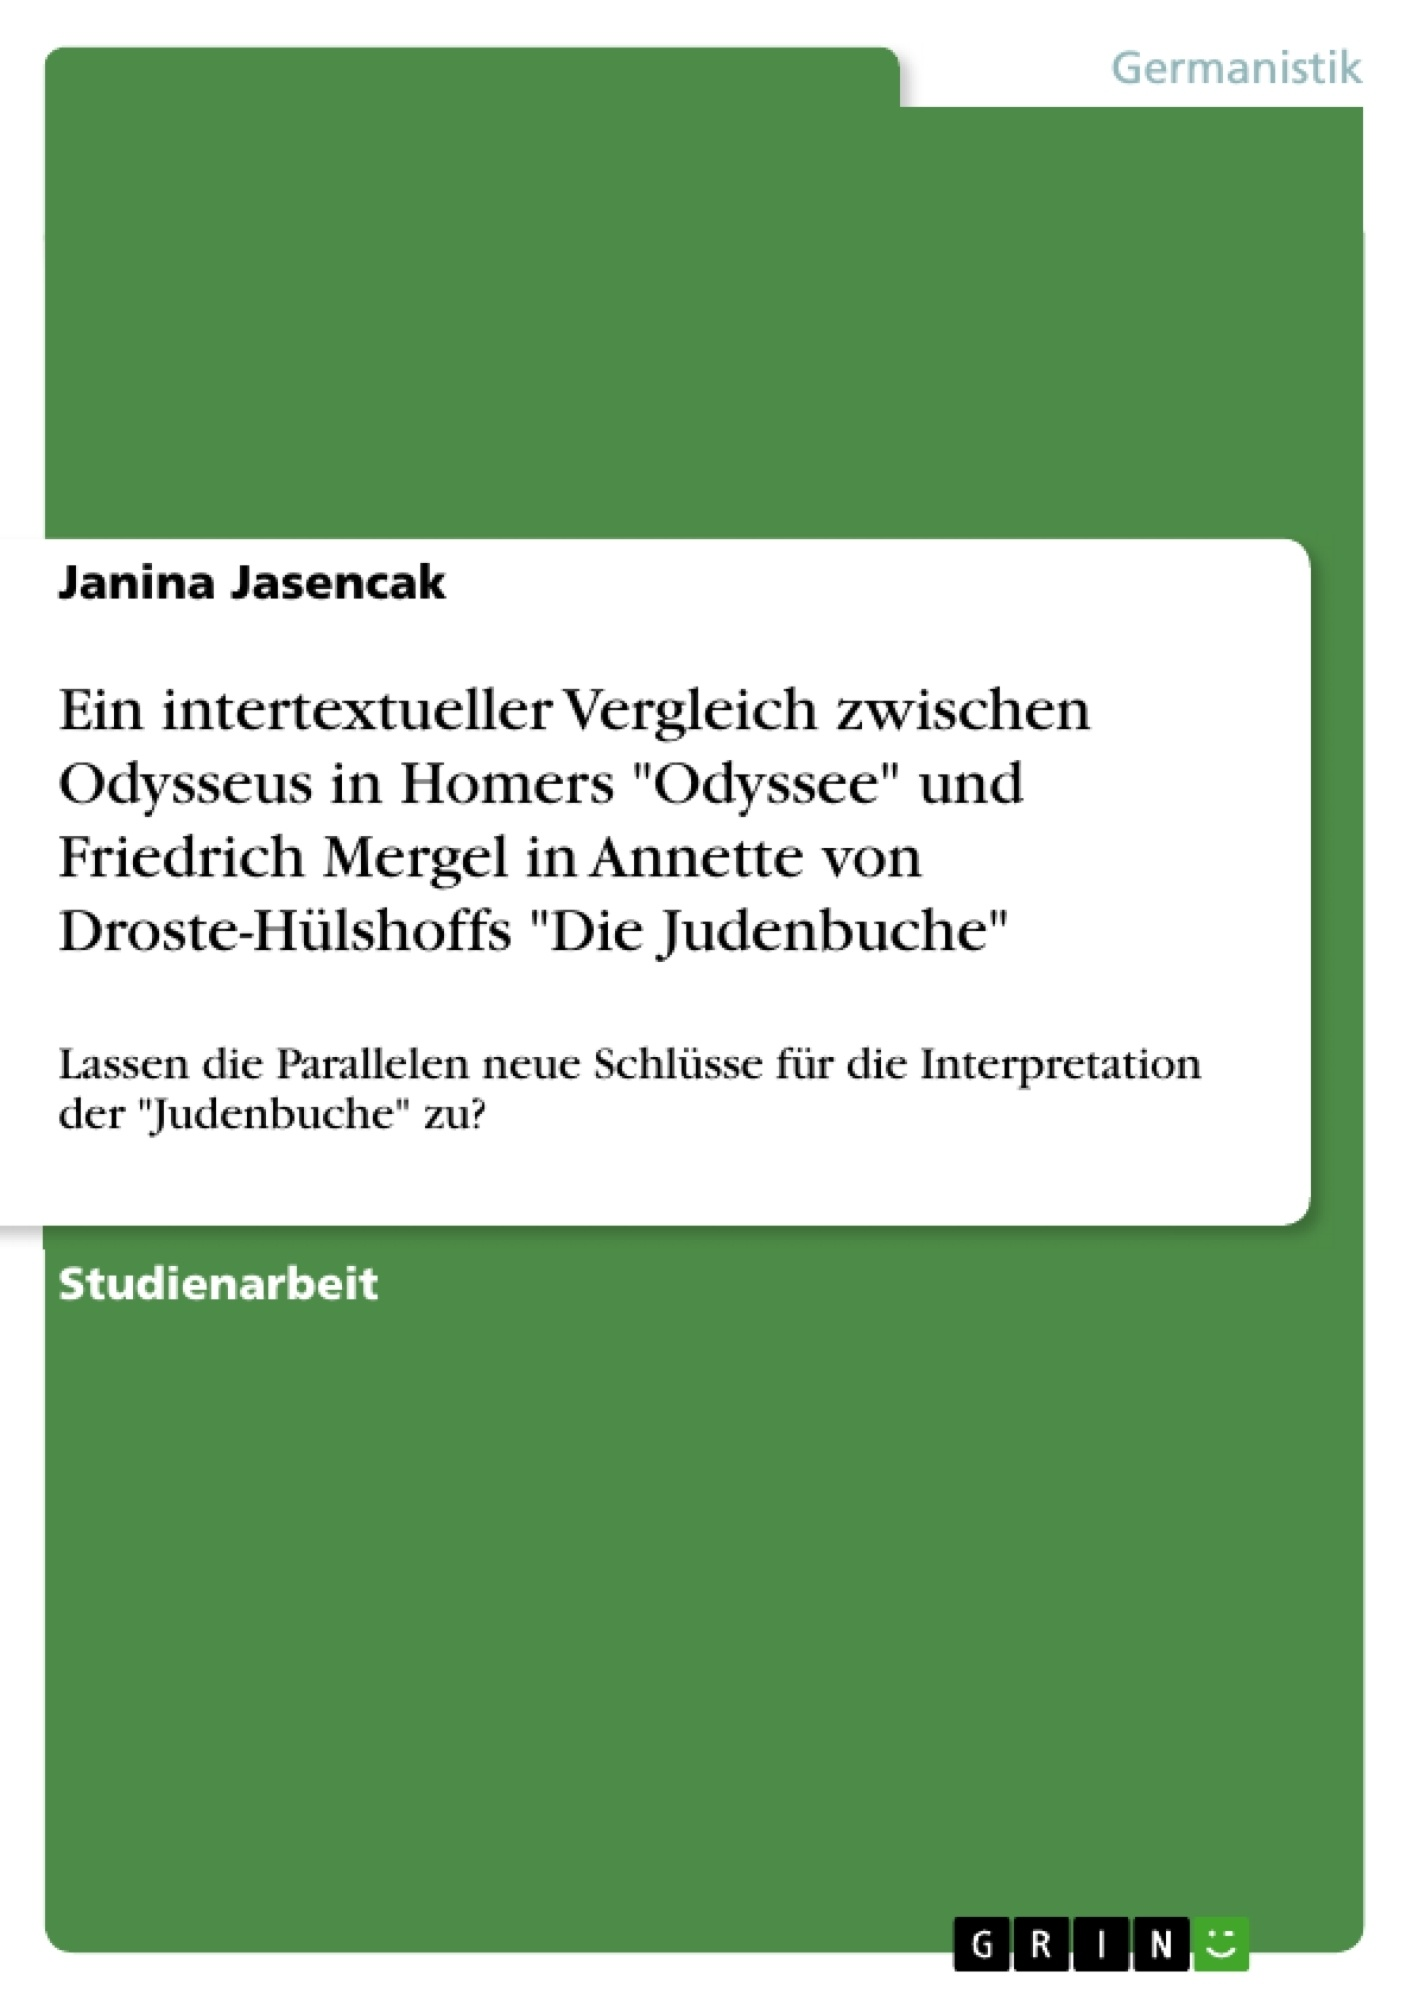 """Titel: Ein intertextueller Vergleich zwischen Odysseus in Homers """"Odyssee"""" und Friedrich Mergel in Annette von Droste-Hülshoffs """"Die Judenbuche"""""""